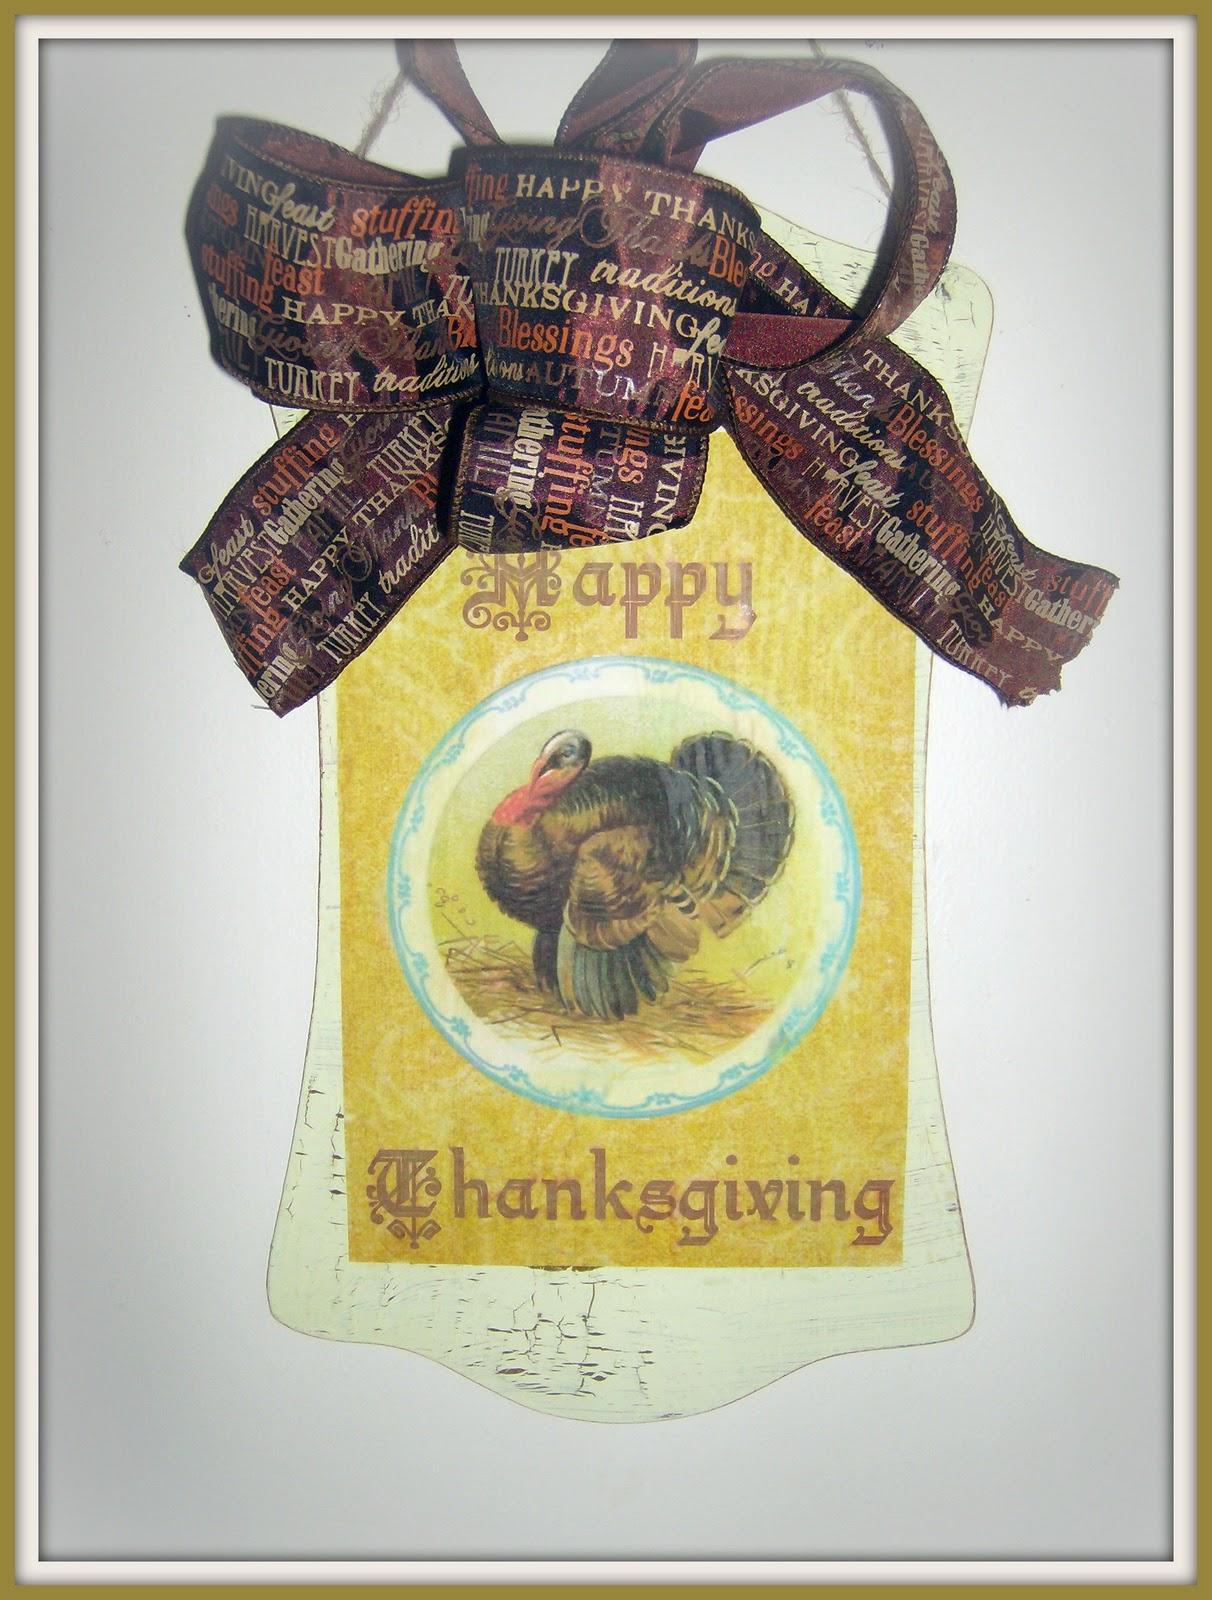 http://1.bp.blogspot.com/_SPehGi65iKU/TNCW6jSrhHI/AAAAAAAAARE/f14-qNHZVqI/s1600/thanksgiving+sign+2.jpg